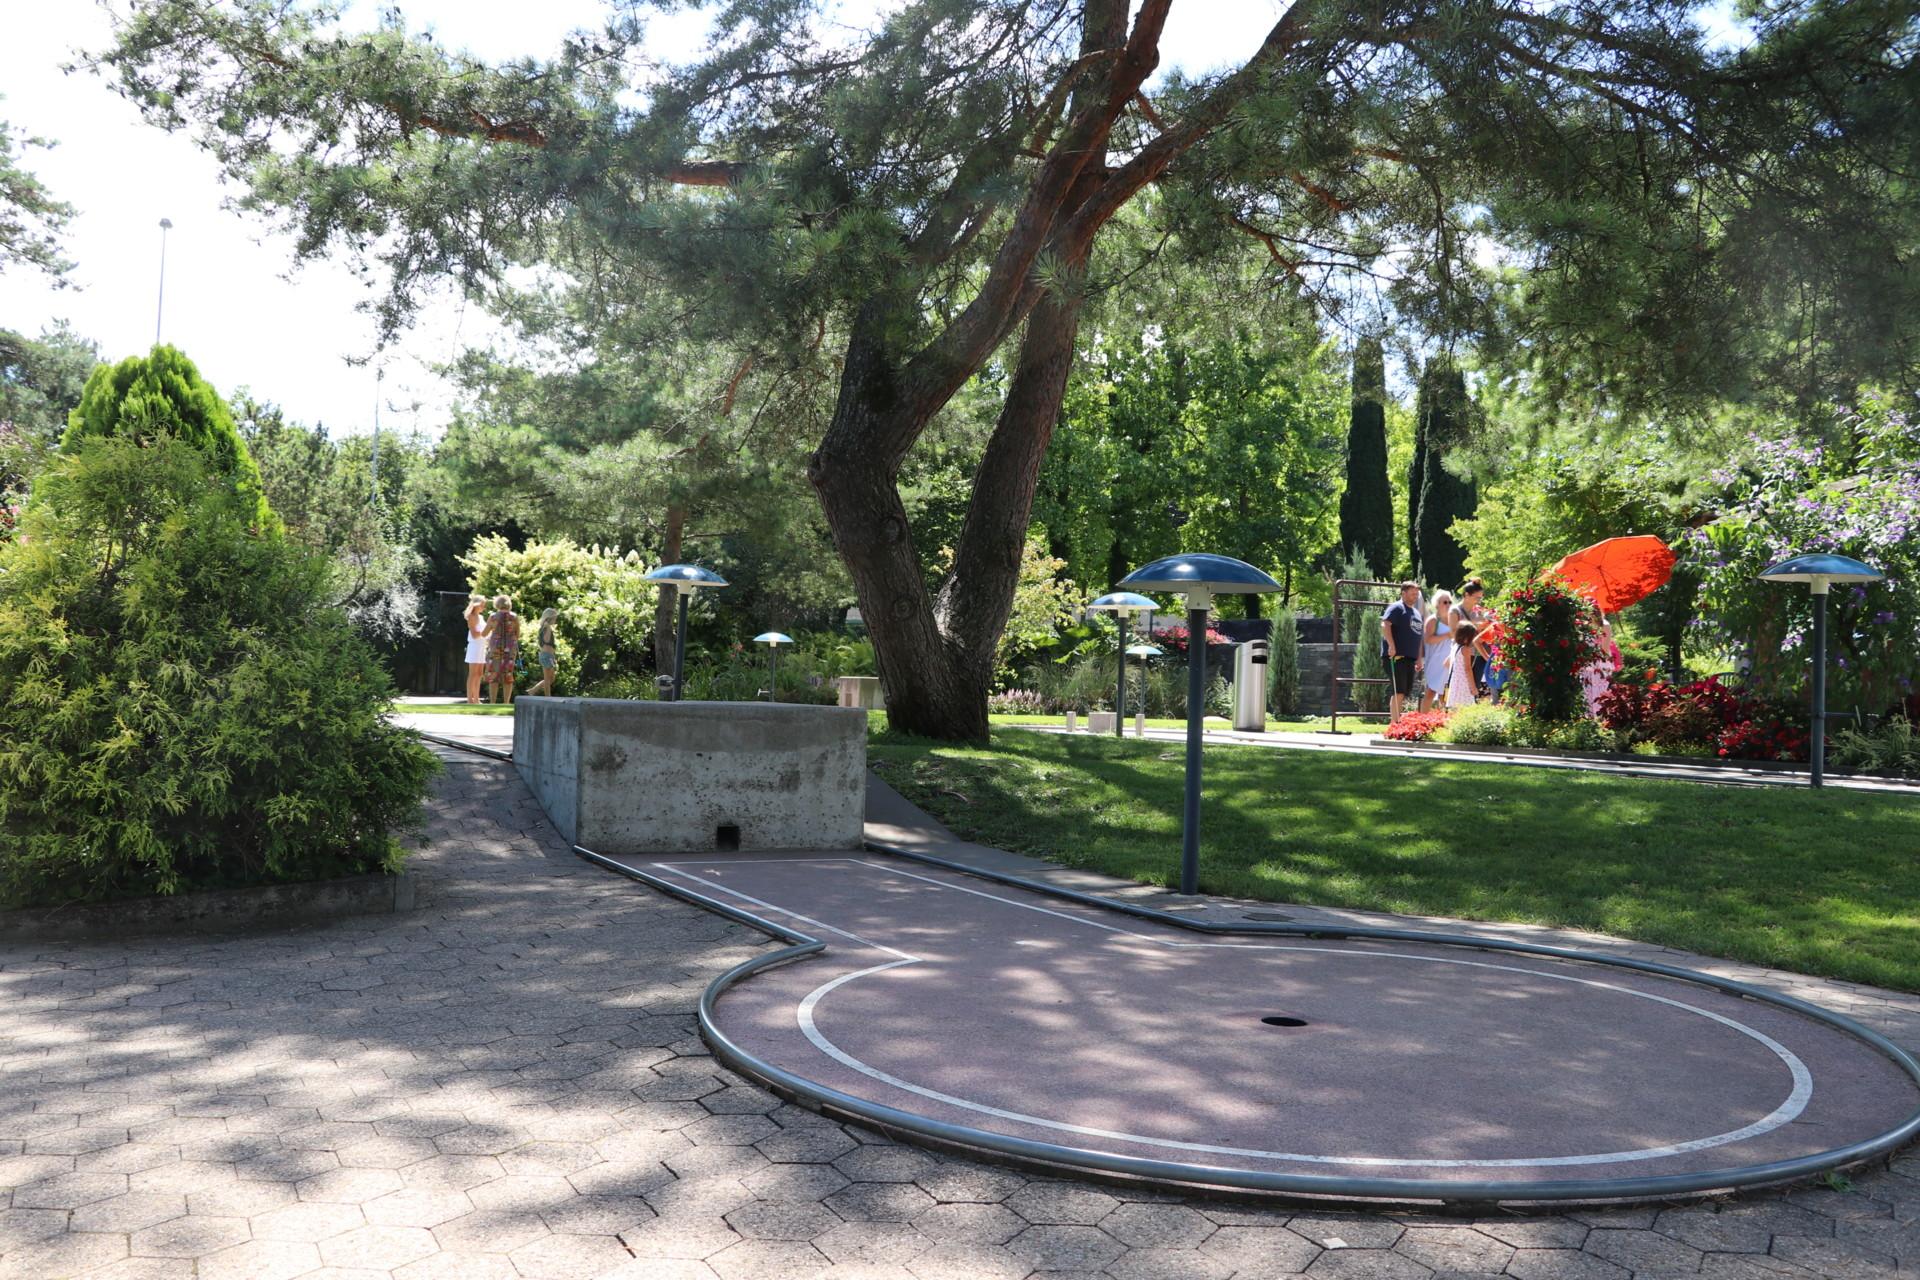 Minigolfanlage Park im Grünen, Münchenstein